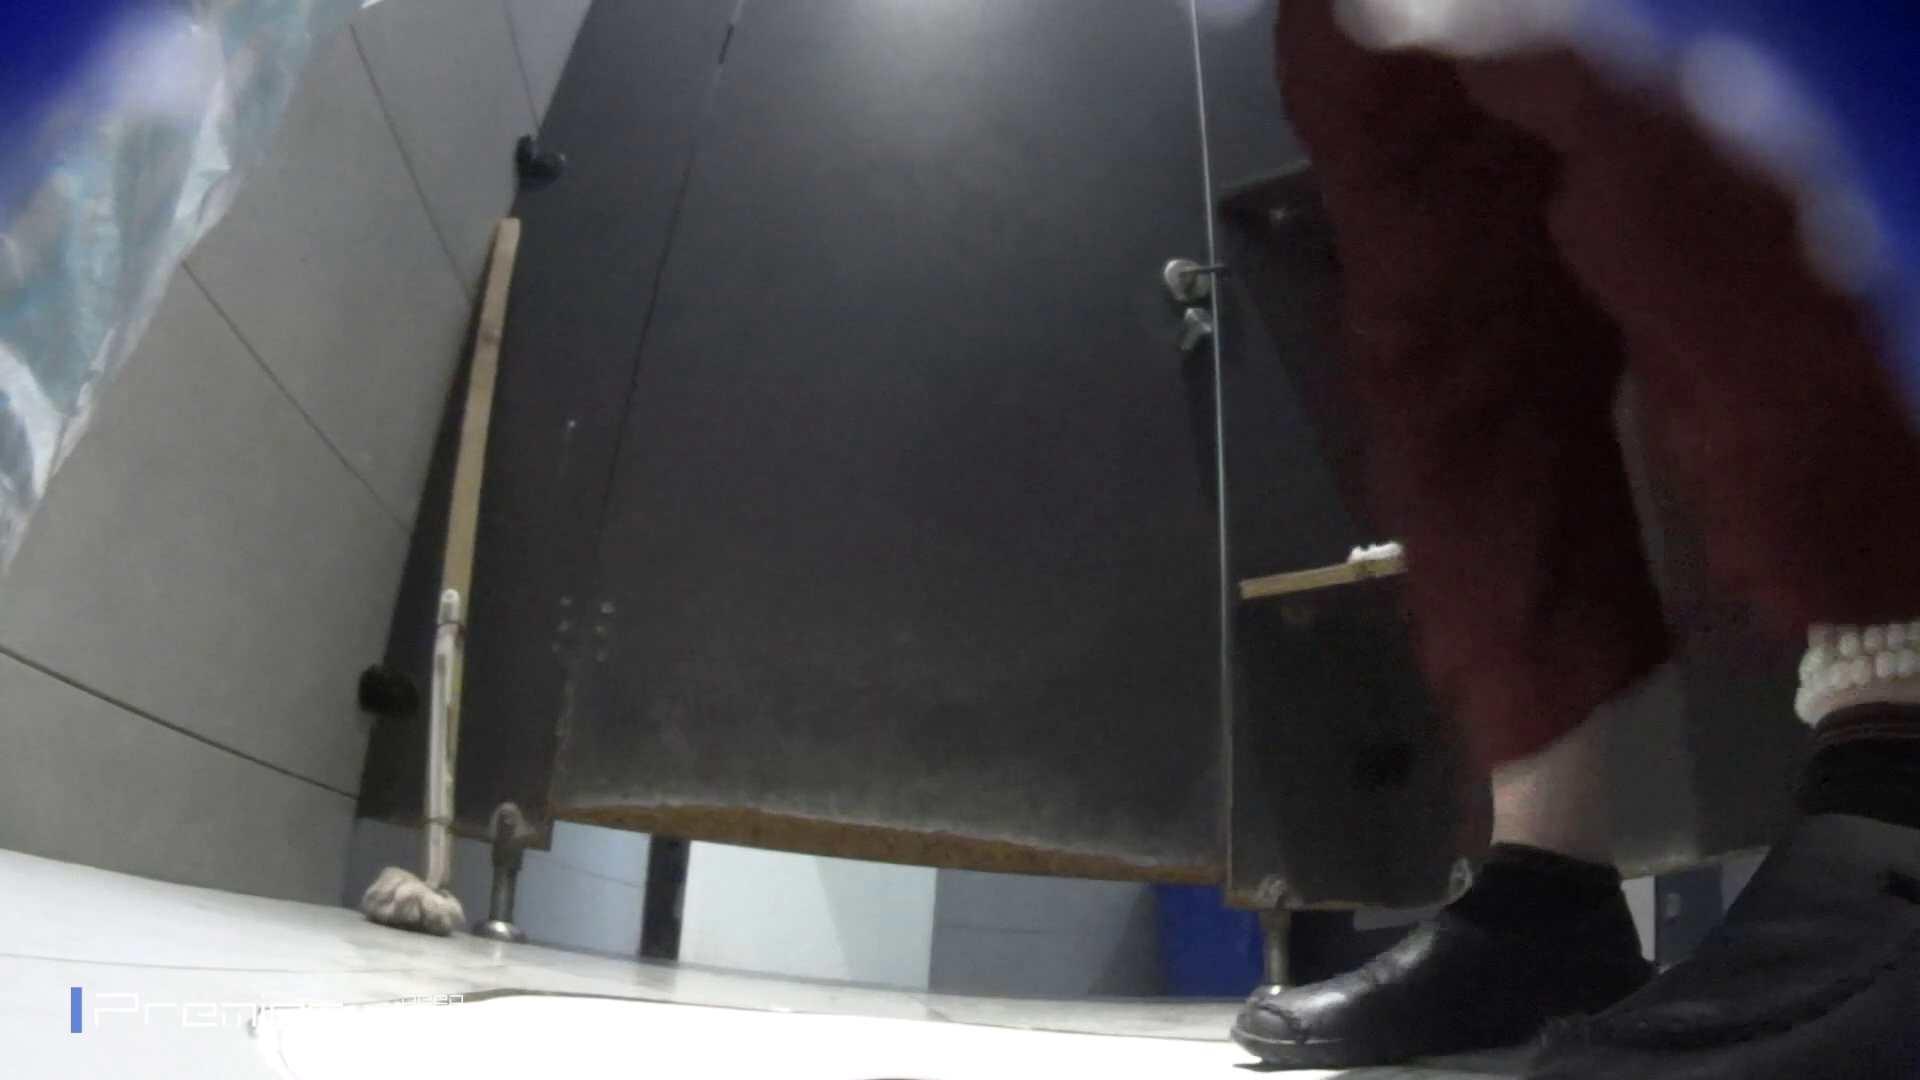 フロントから丸見え! 大学休憩時間の洗面所事情60 高画質  69PIX 57